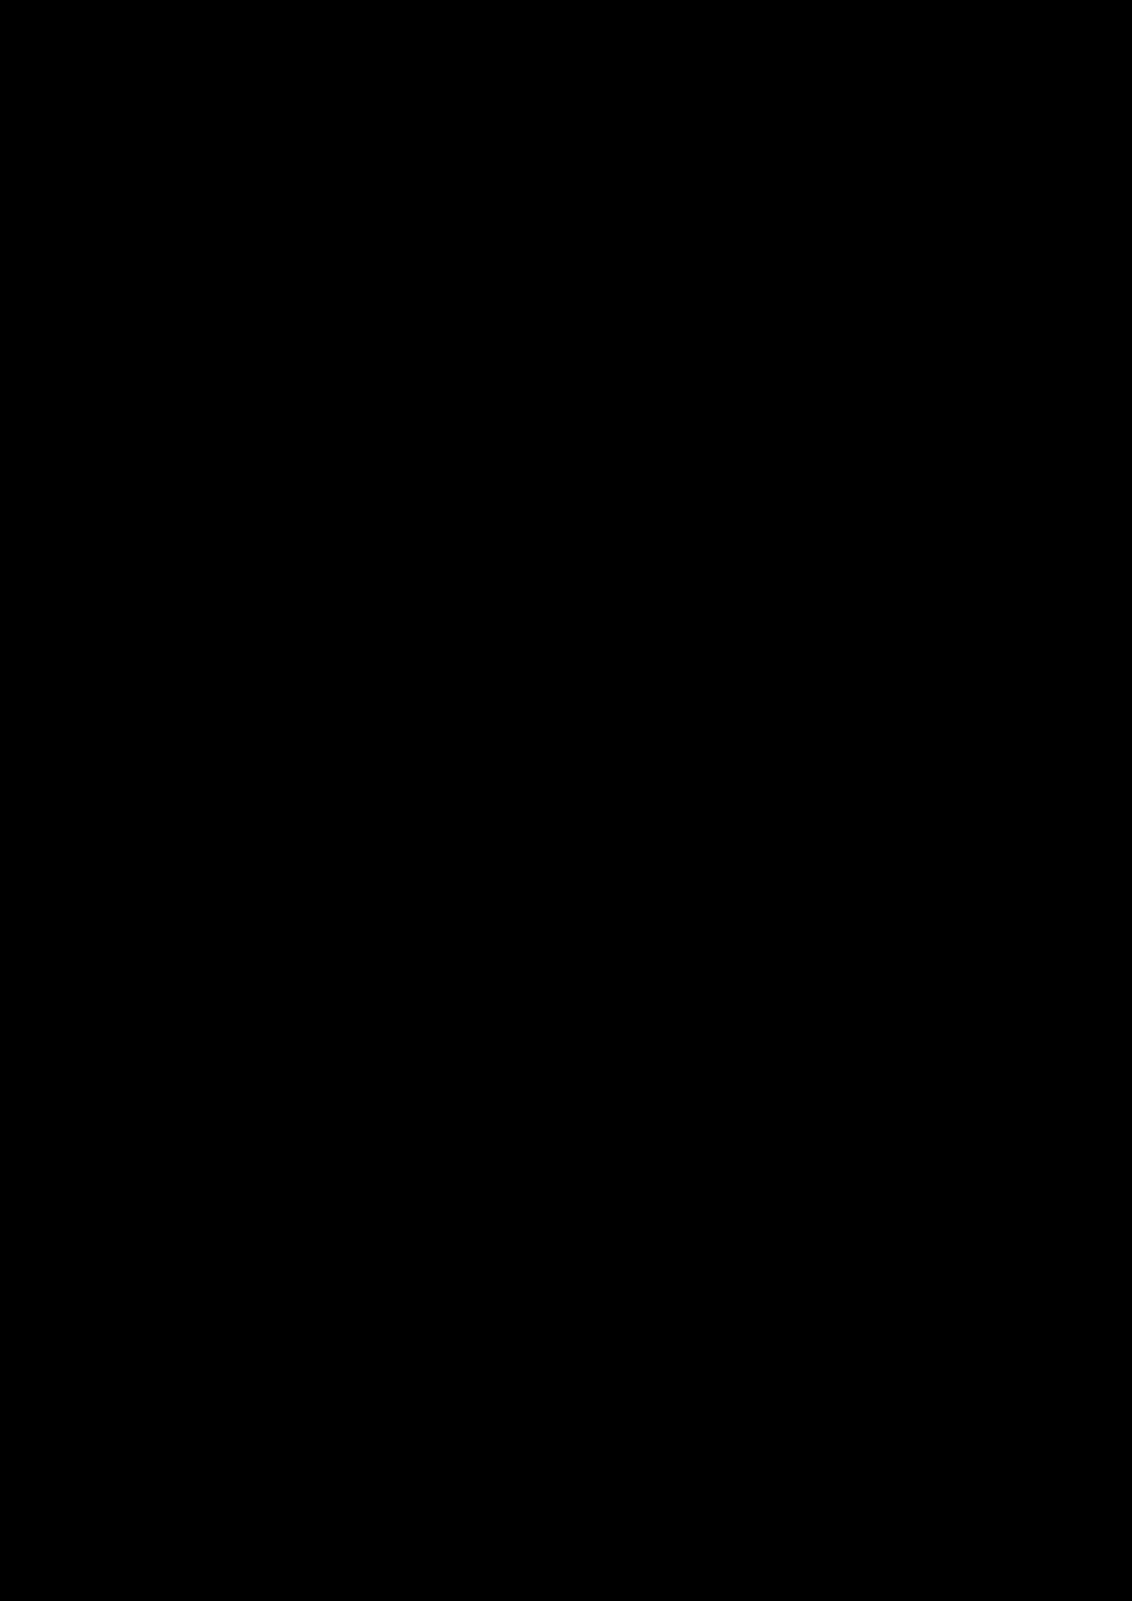 Zagadka volshebnoy stranyi slide, Image 78